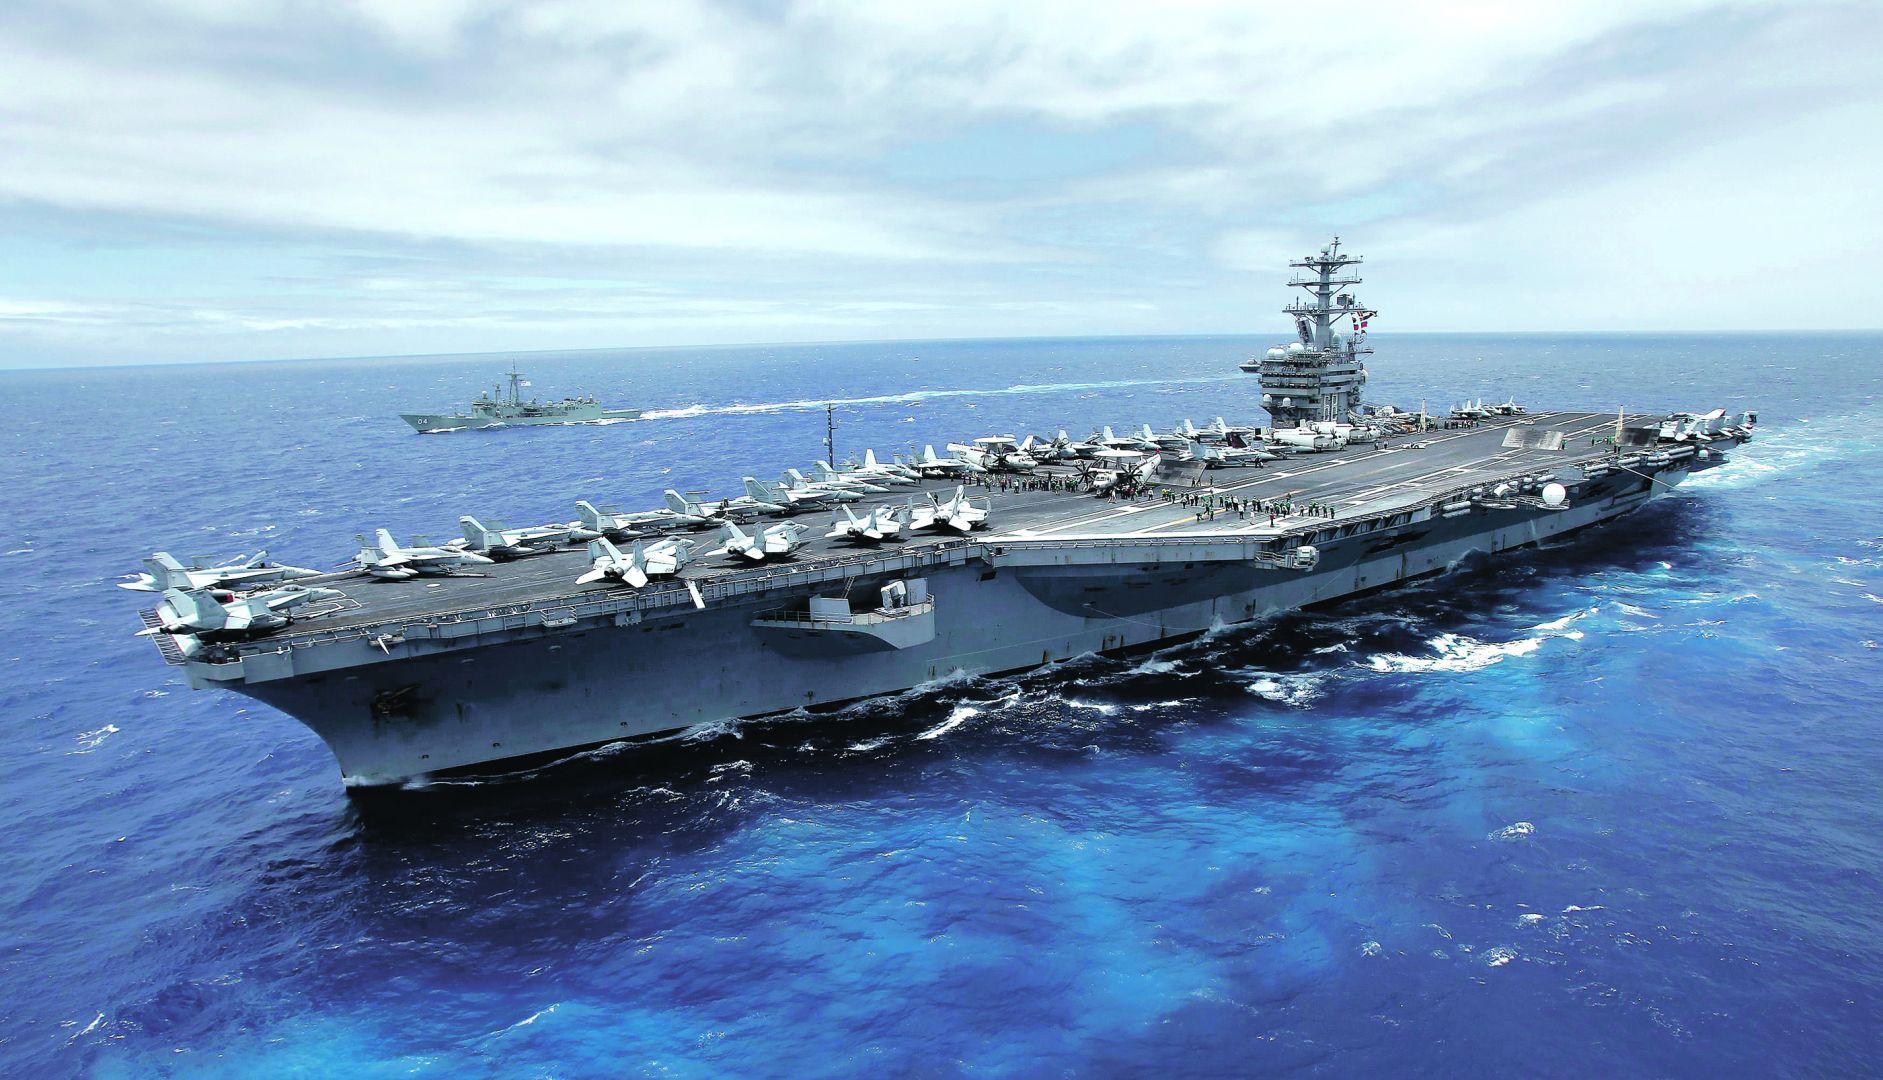 Hàng không mẫu hạm lớn nhất của Ấn Độ, Hoa Kỳ, Nhật Bản tập trận phô diễn lực lượng trước Trung Cộng